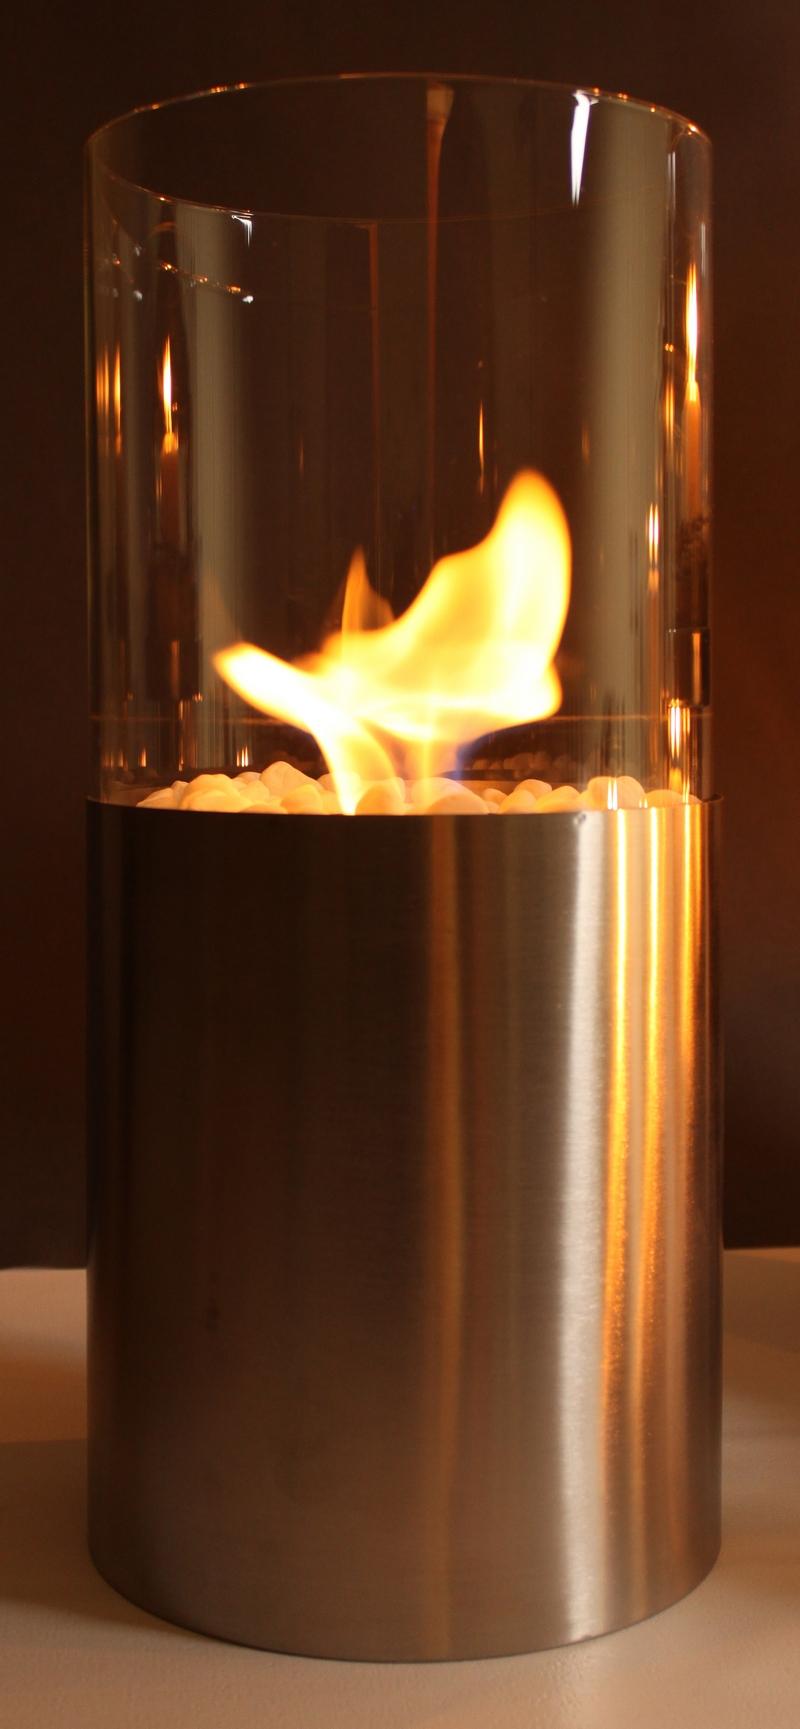 buiten open haard bio ethanol ruby fires door welke redactie. Black Bedroom Furniture Sets. Home Design Ideas